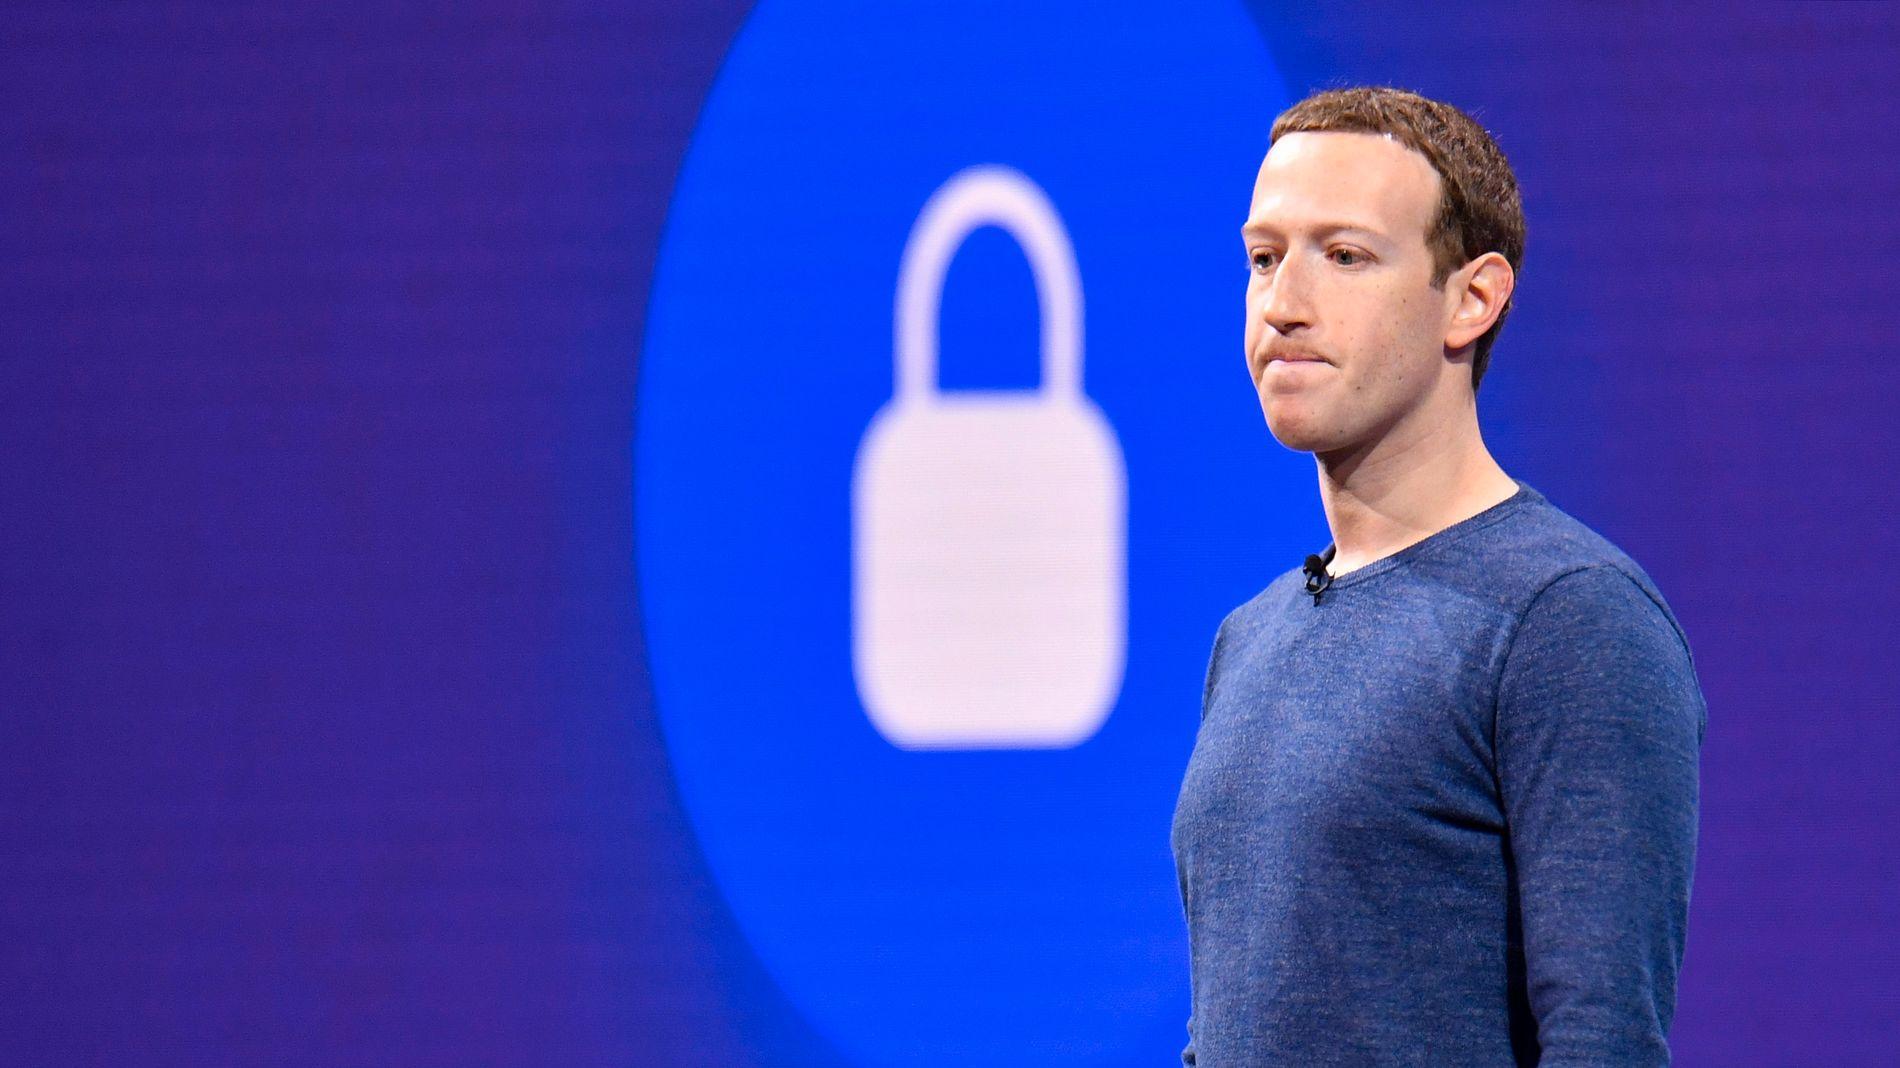 VITNESBYRD: Administrerende direktør Mark Zuckerberg avla i fjor vitnesbyrd for Kongressen vedrørende skandalen.